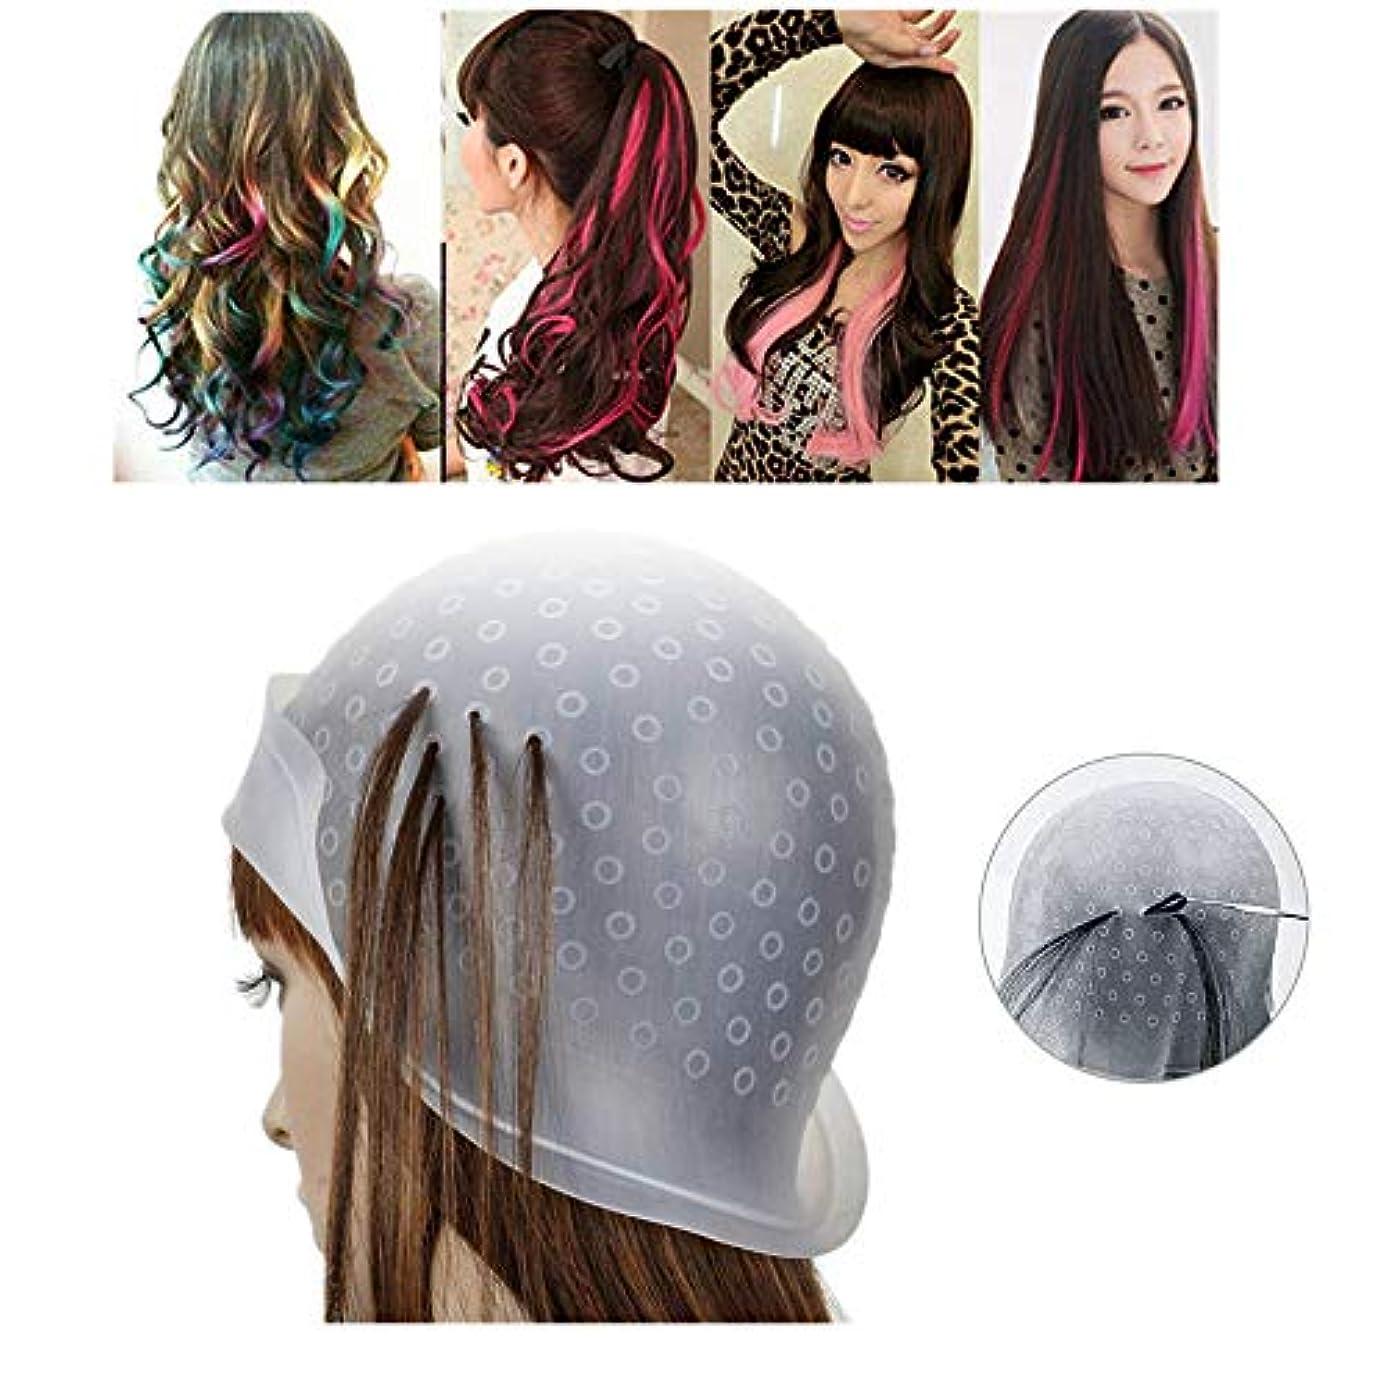 揃えるインディカ破壊的メッシュキャップ ヘアカラー 毛染めキャップ 髪染め用 洗って使える ヘアカラー メッシュ 用 シリコン ヘアキャップ カラーリング 不要な染めを避ける 透明